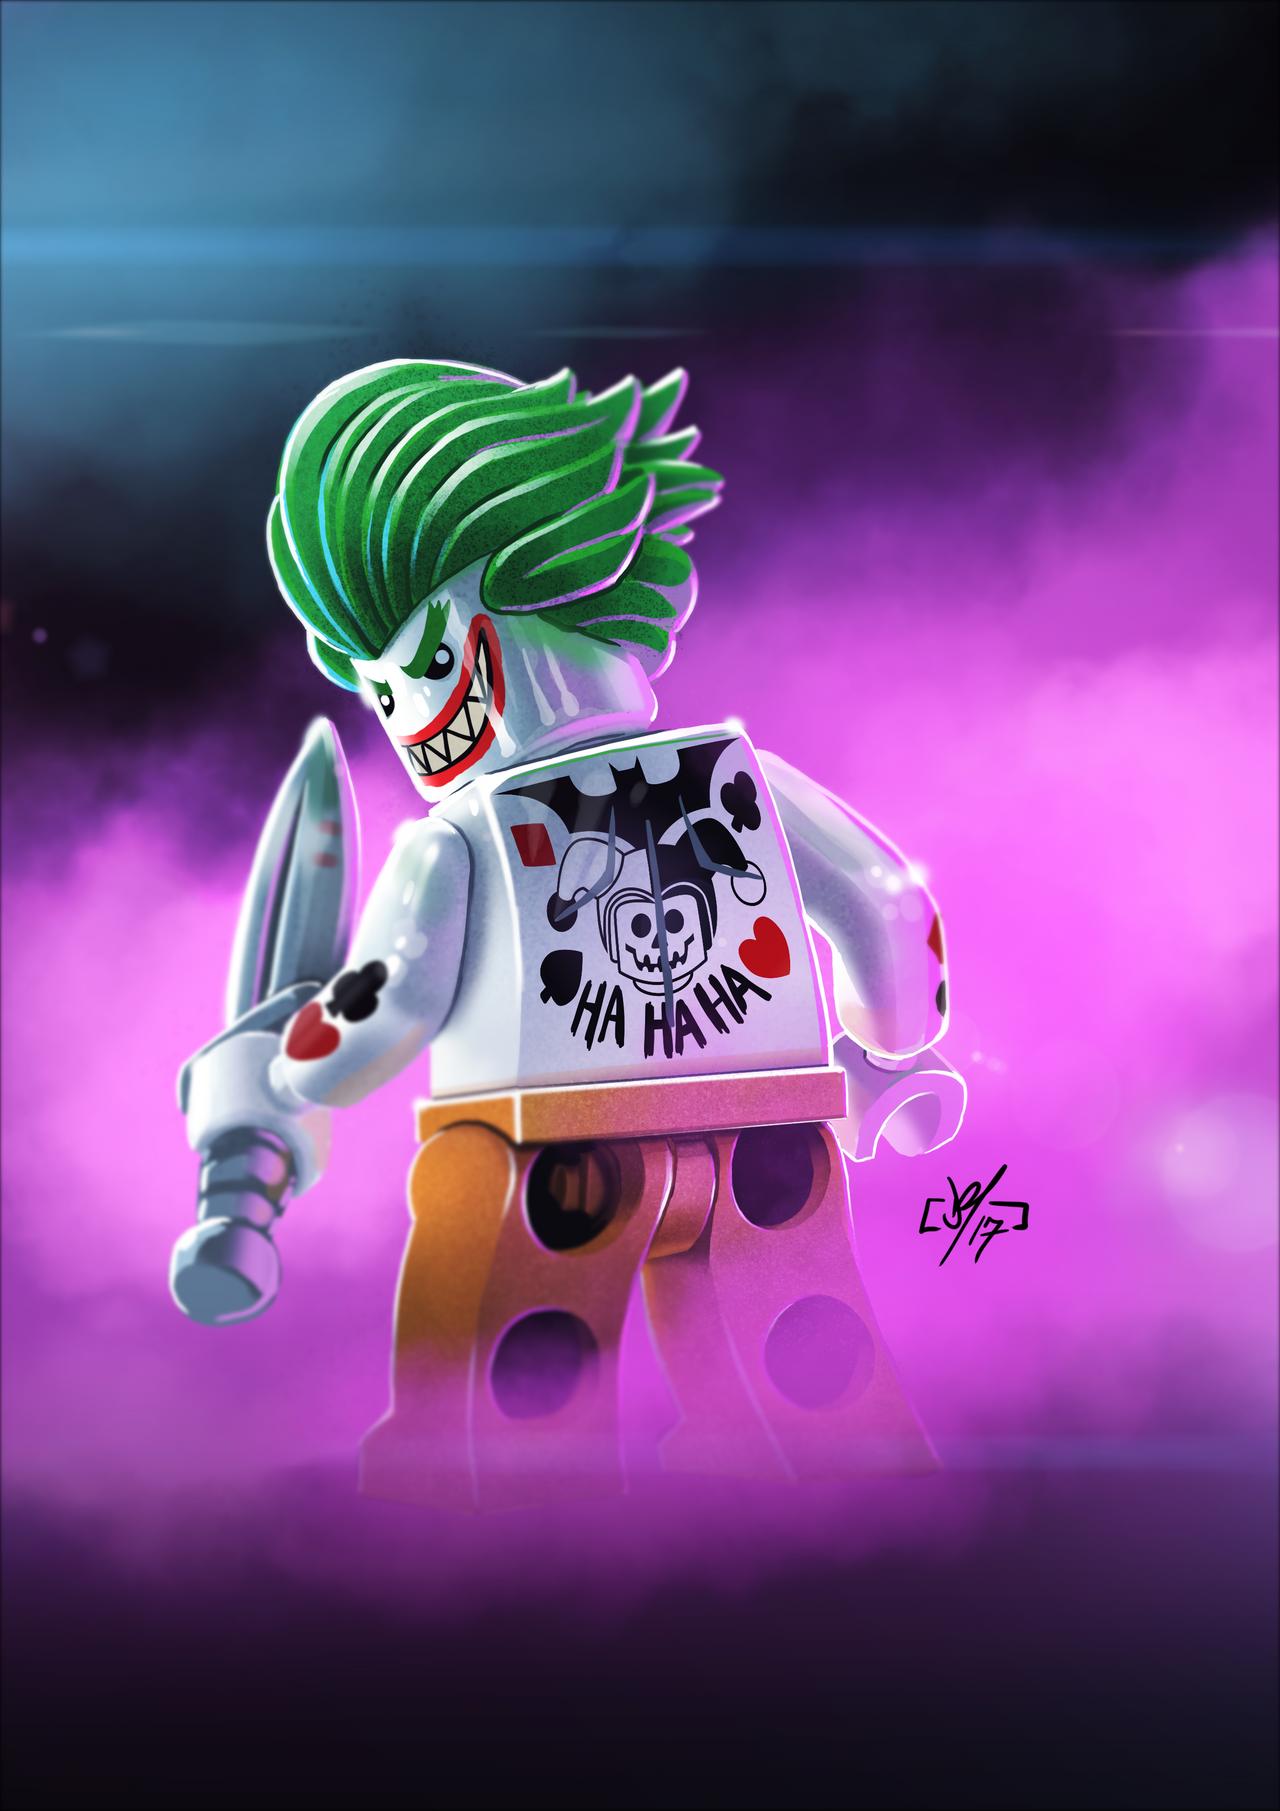 Lego Joker by DazTibbles on DeviantArt